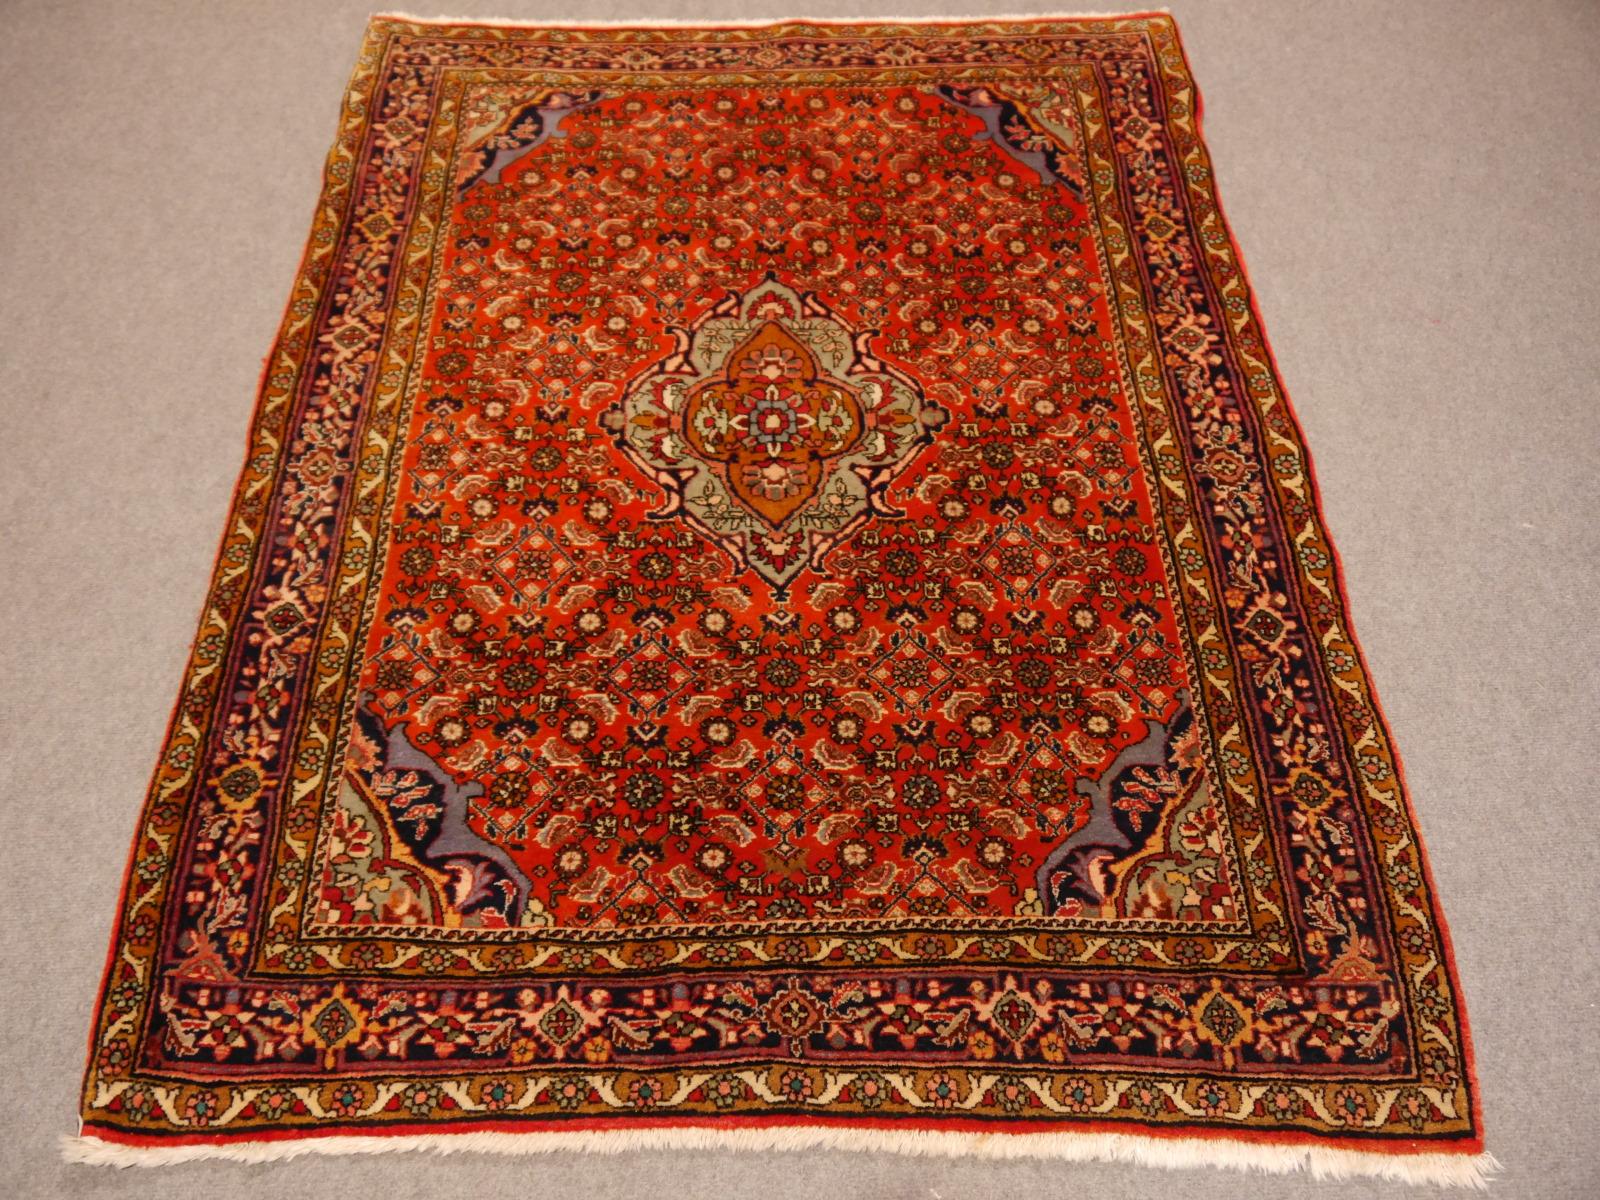 14567 bidjar rug iran persia 5 2 x 3 7 ft 159 x 114 cm. Black Bedroom Furniture Sets. Home Design Ideas